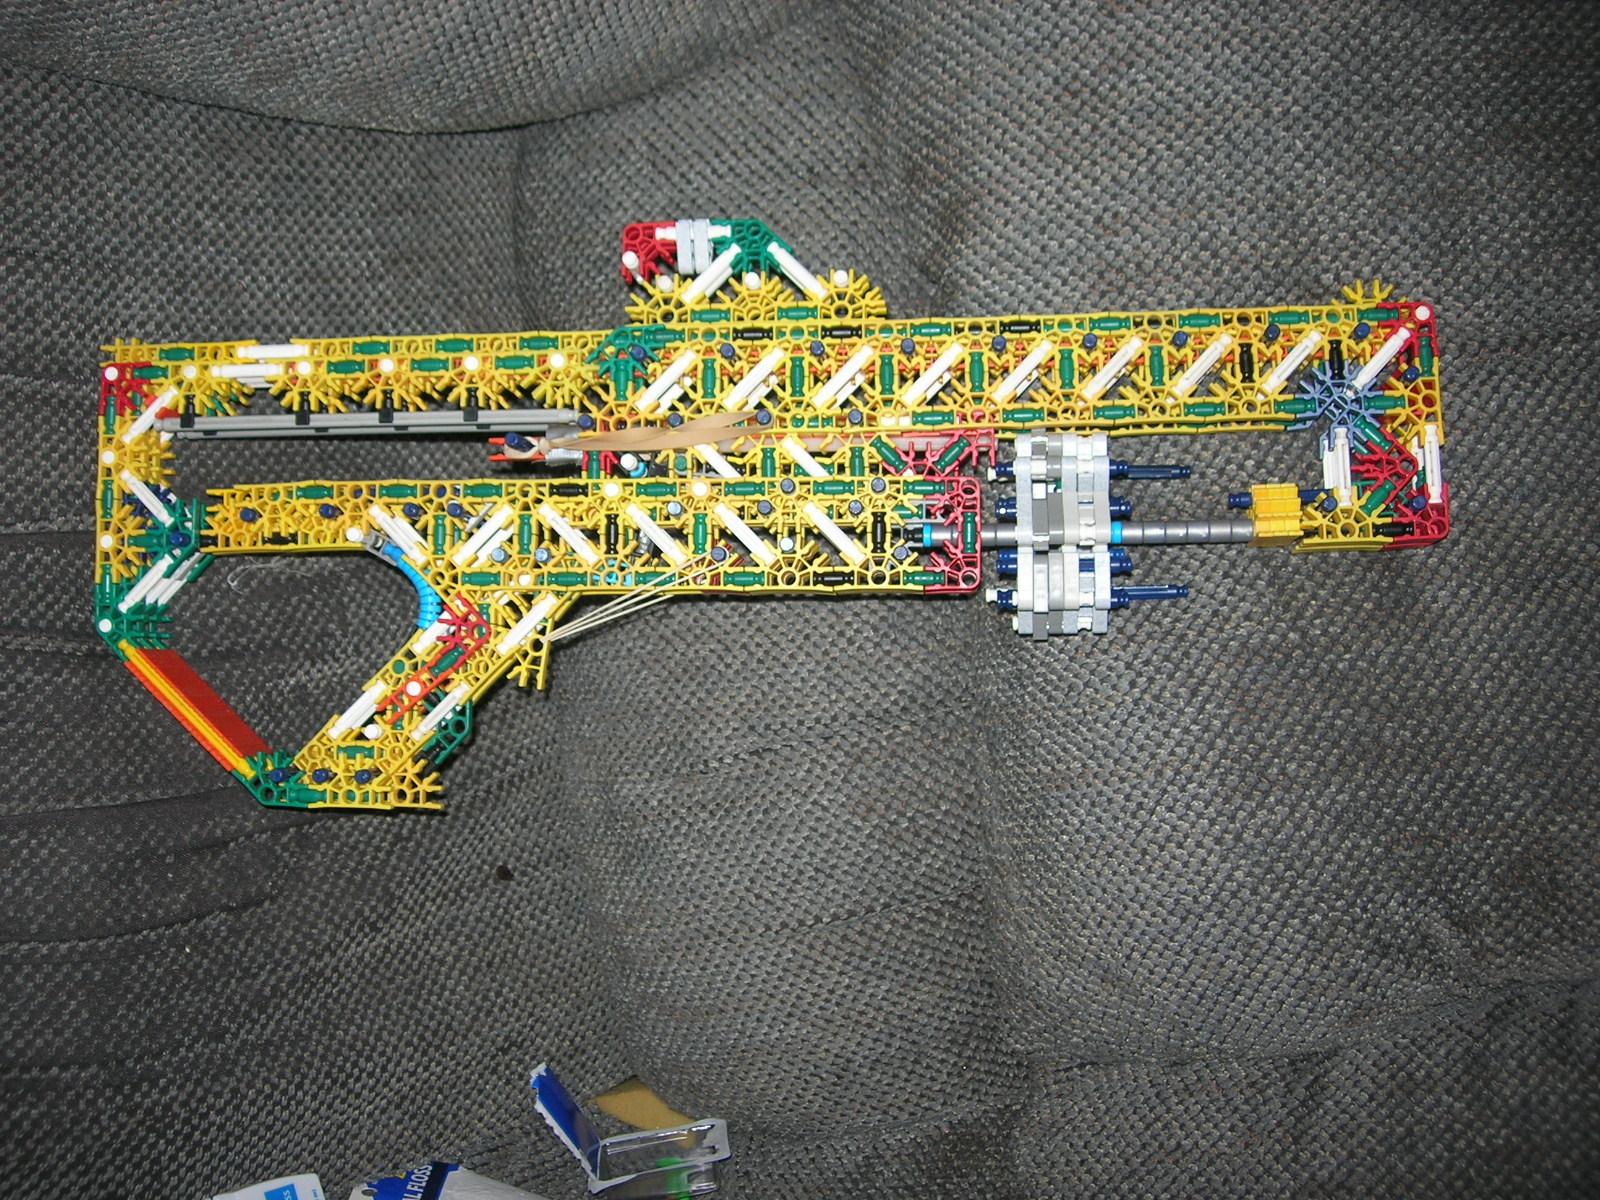 New knex gun by TBM NKG-BM-3.1